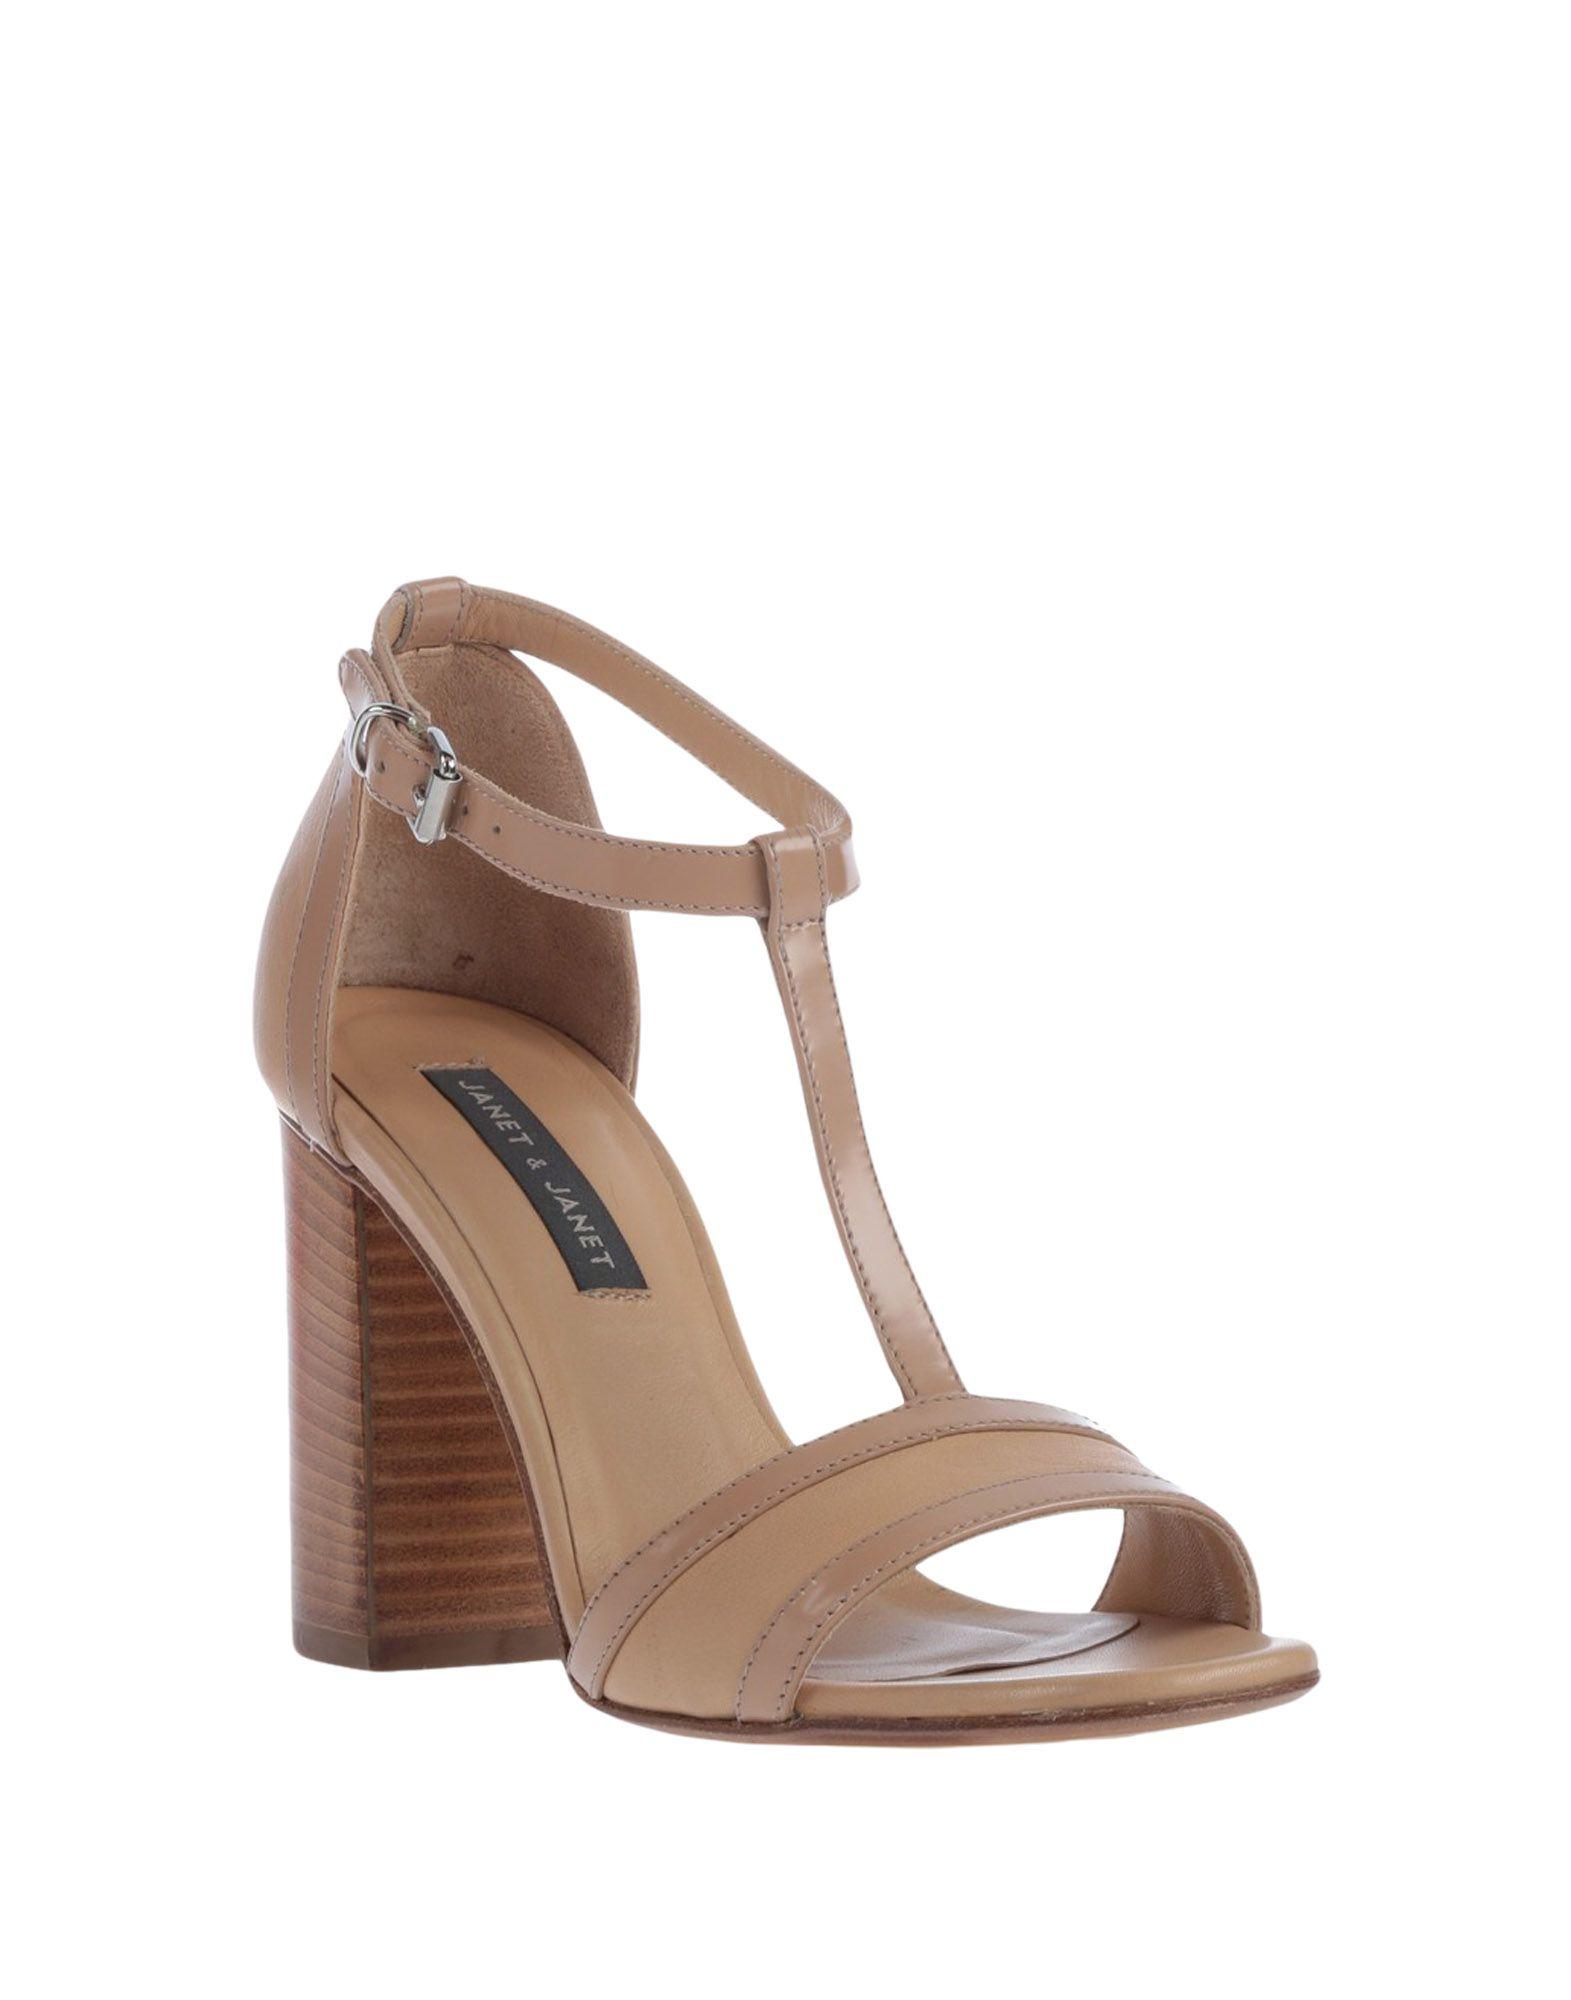 Gut tragenJanet um billige Schuhe zu tragenJanet Gut & Janet Sandalen Damen  11182990SX 997598